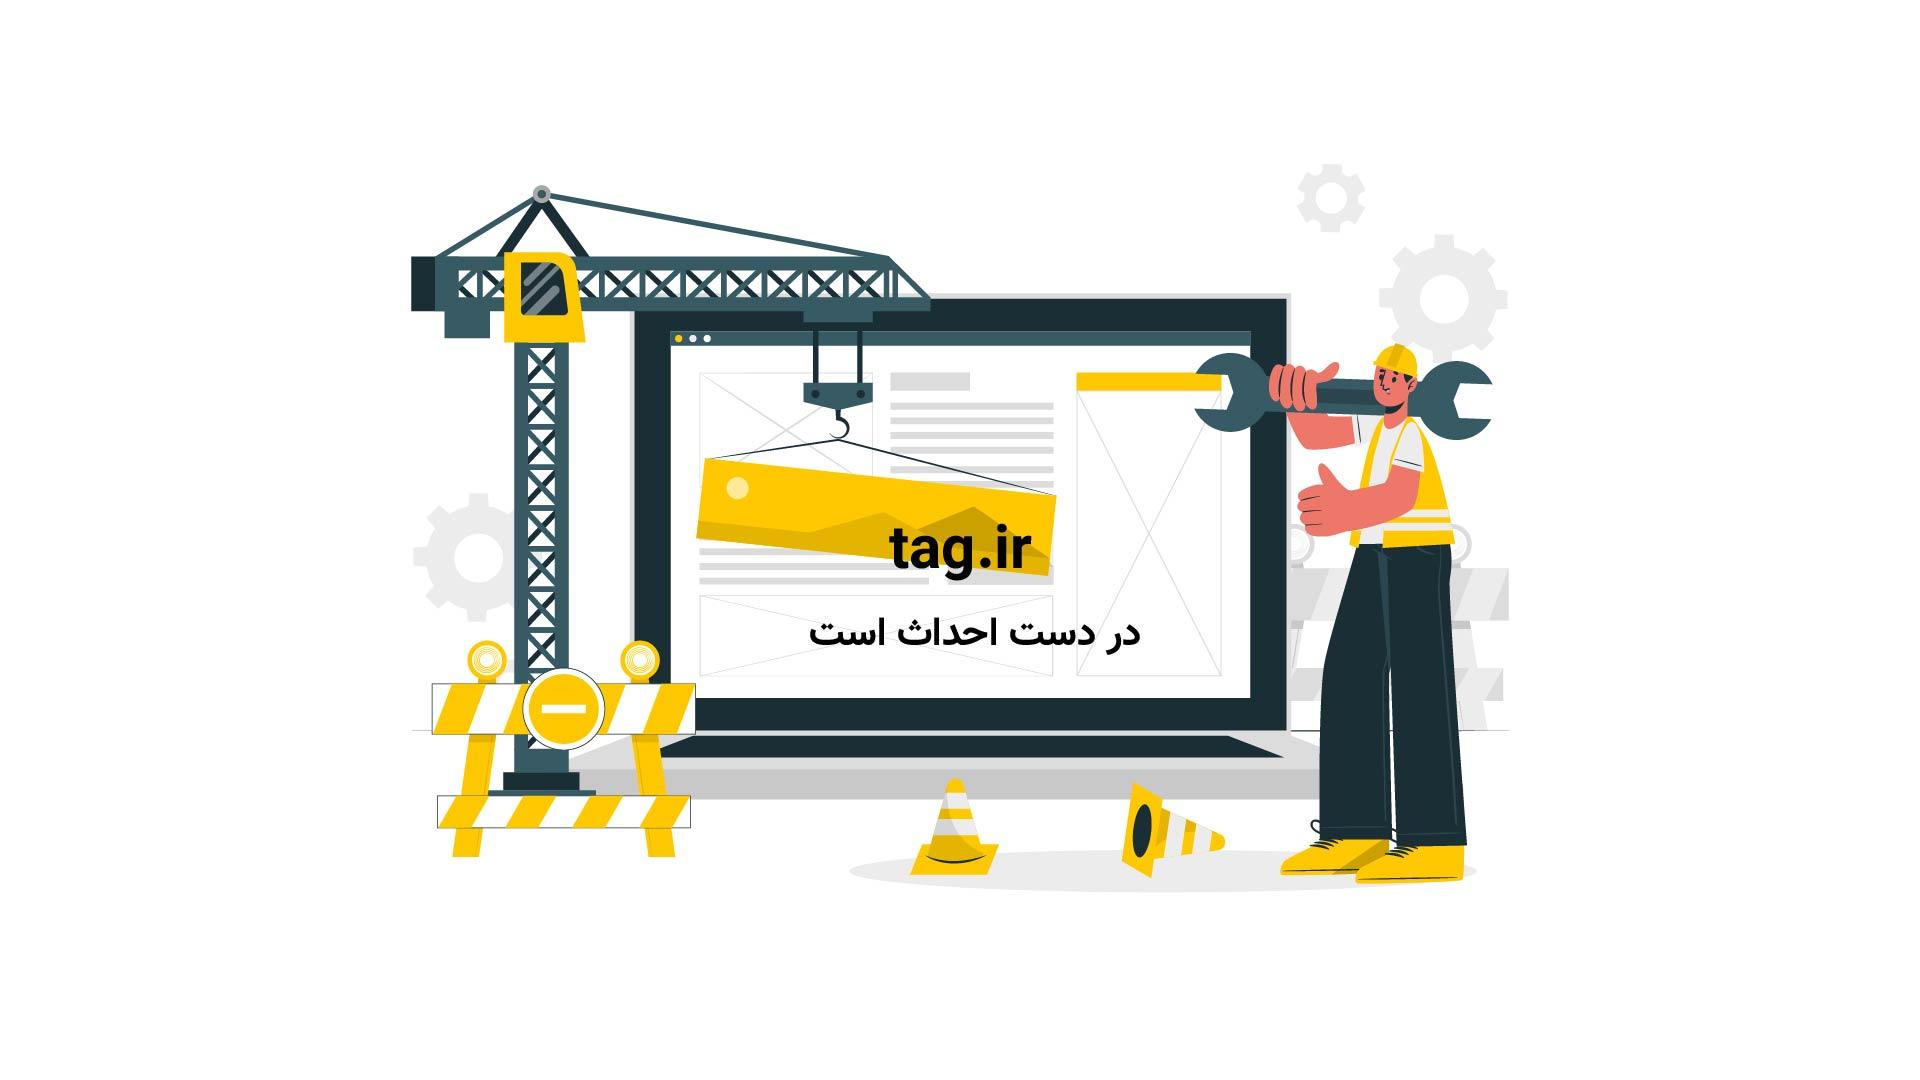 فیلم از سرقت خودرو در مشهد که خانواده هم داخل خودرو هستند   فیلم